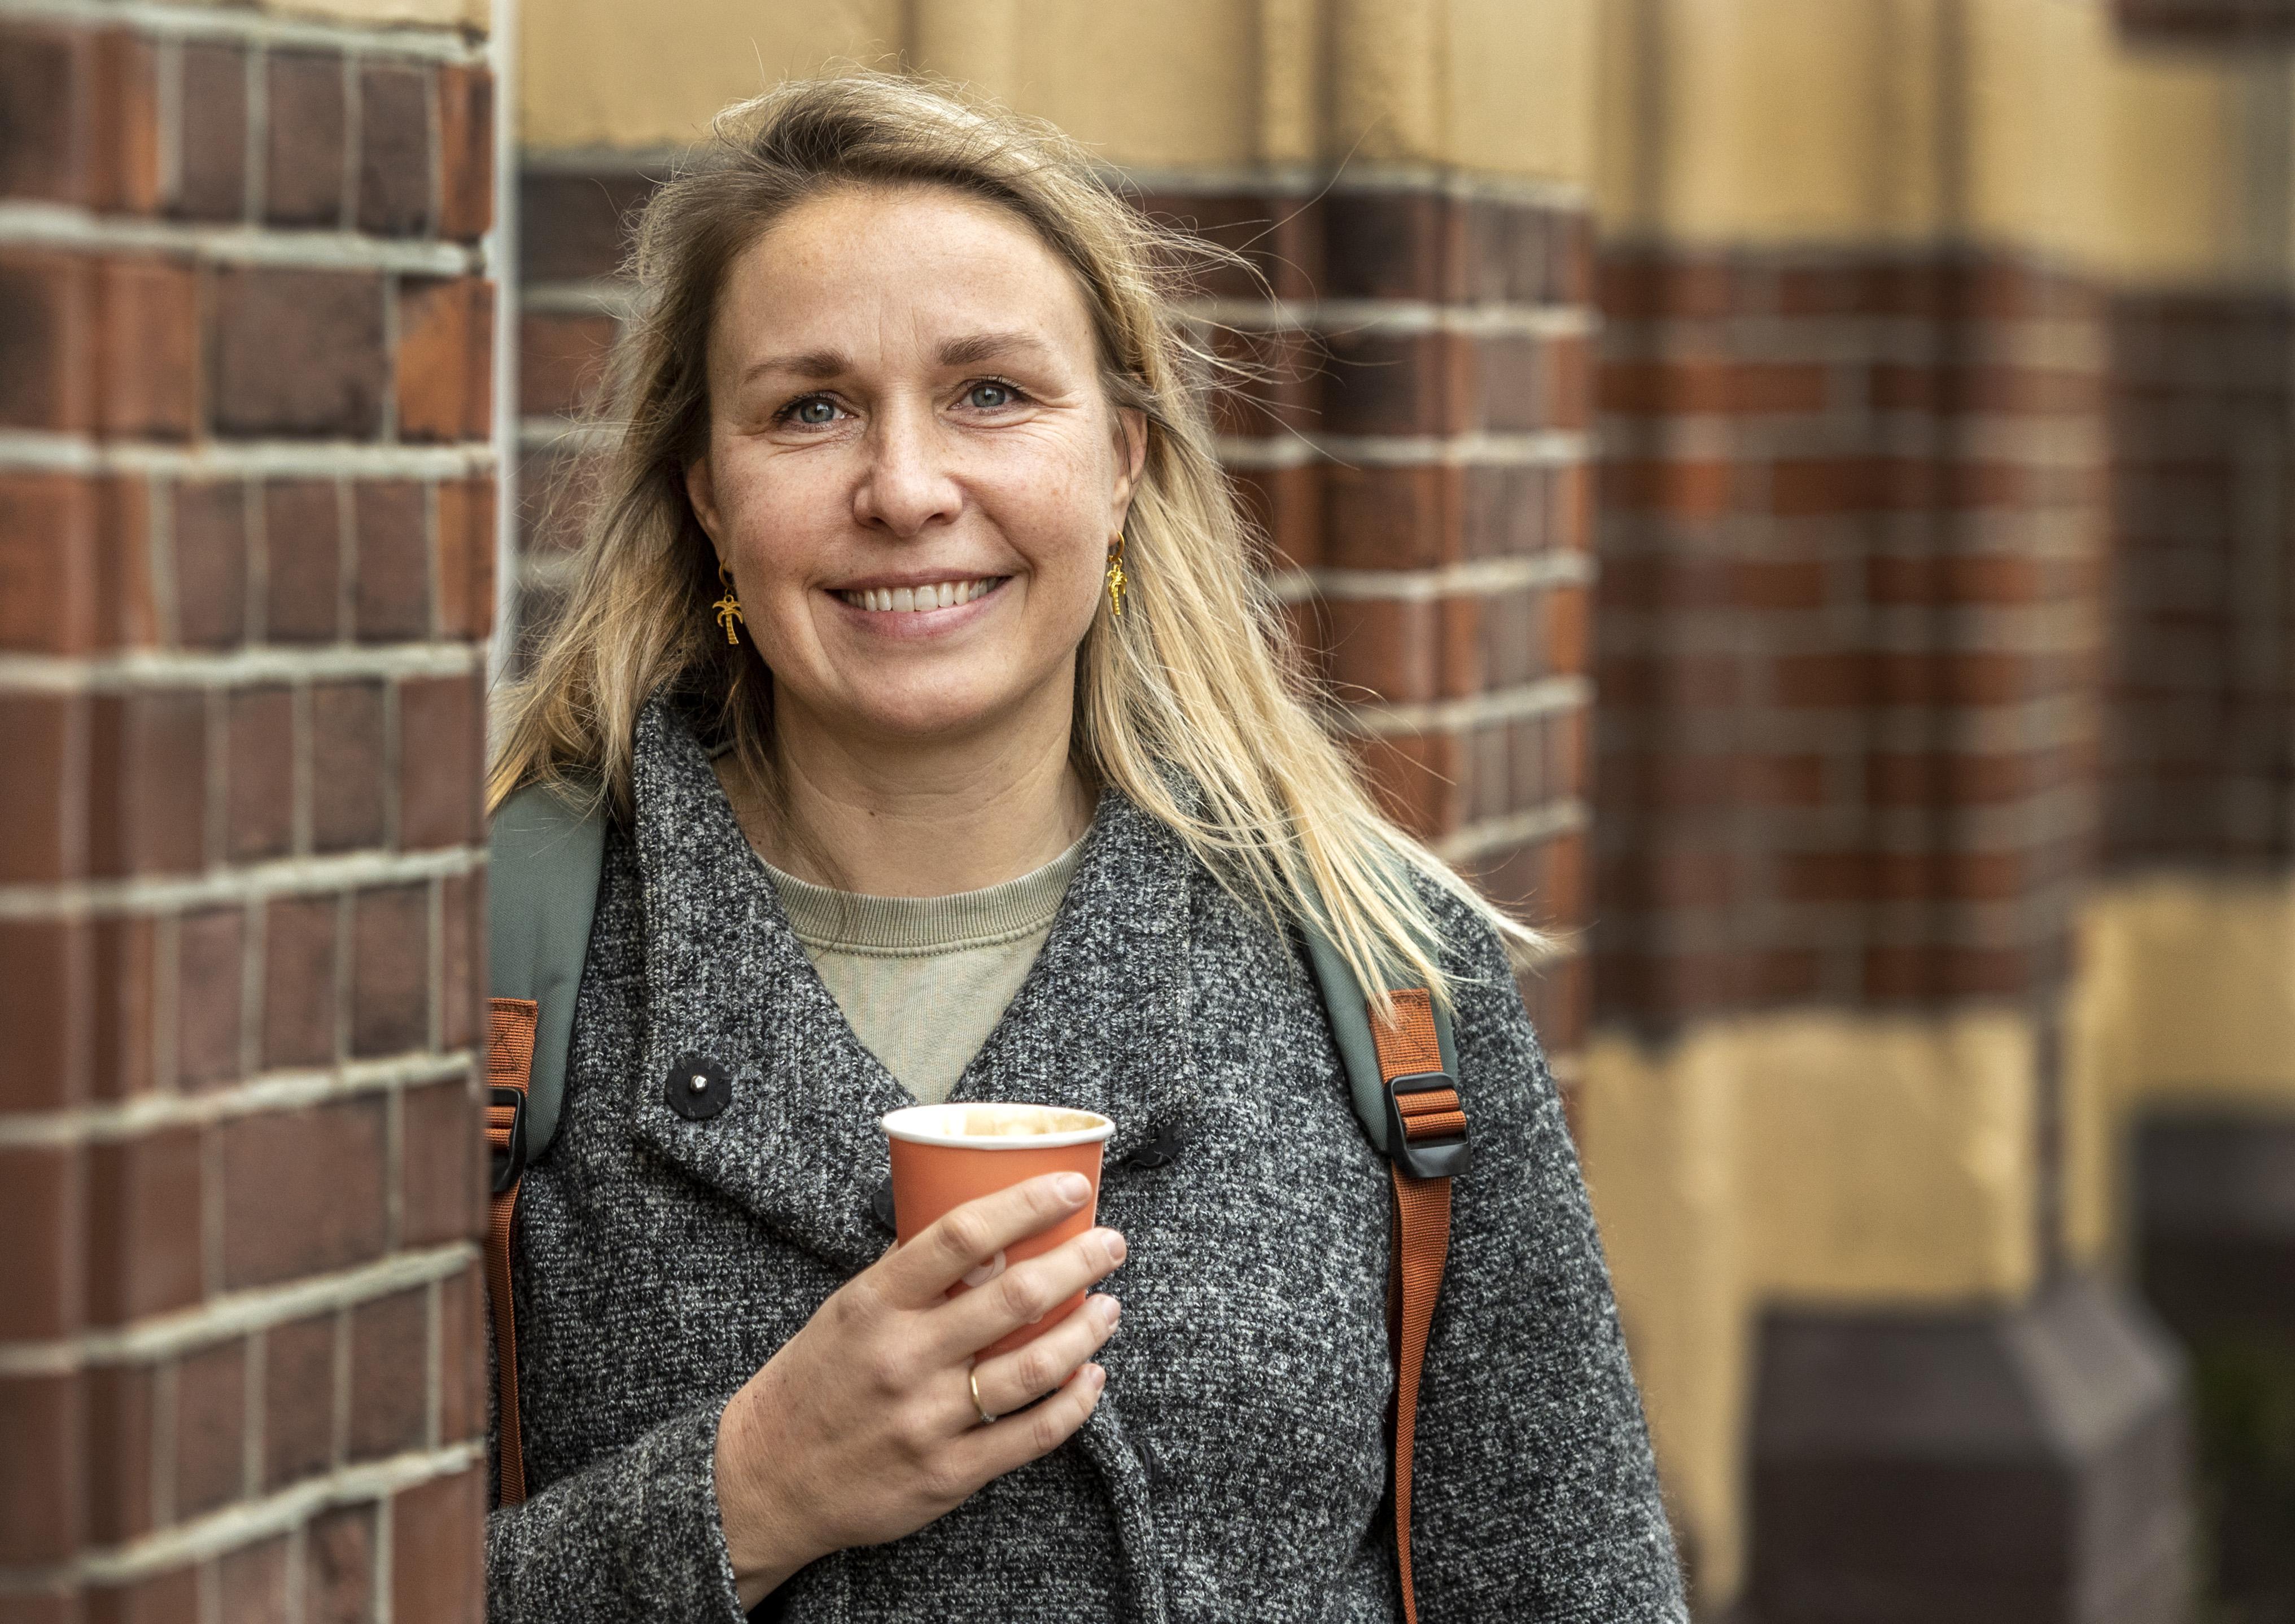 Oud-topatlete Annemarie Kramer (46) kent woelige maar waardevolle periode in coronatijd: 'Er was zoveel liefde op afstand'